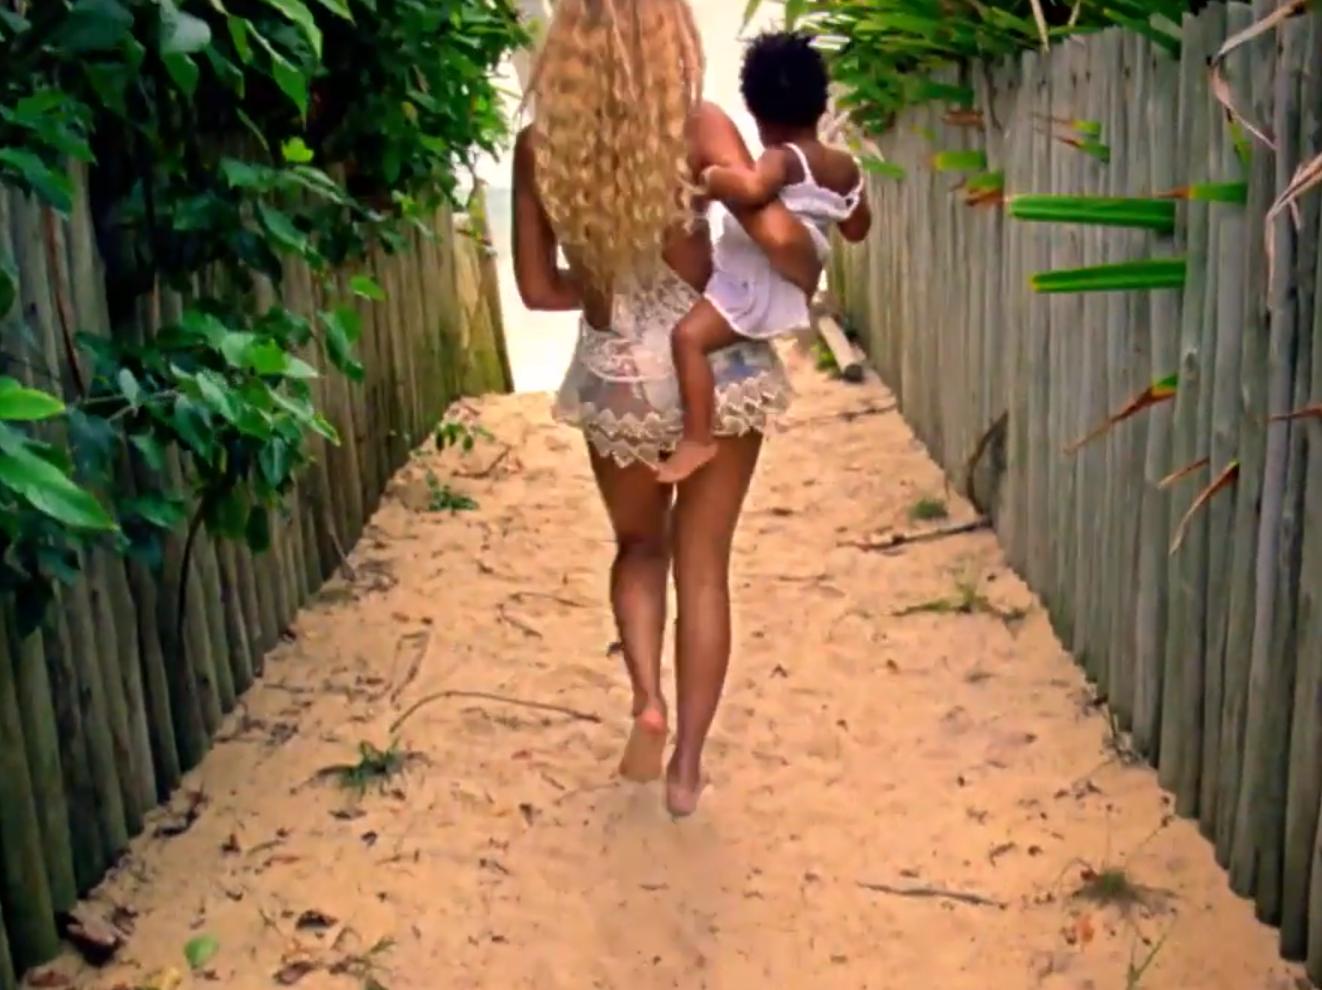 Nouveau clip de Beyoncé cartonne avec son bébé Blue Ivy de 23 mois